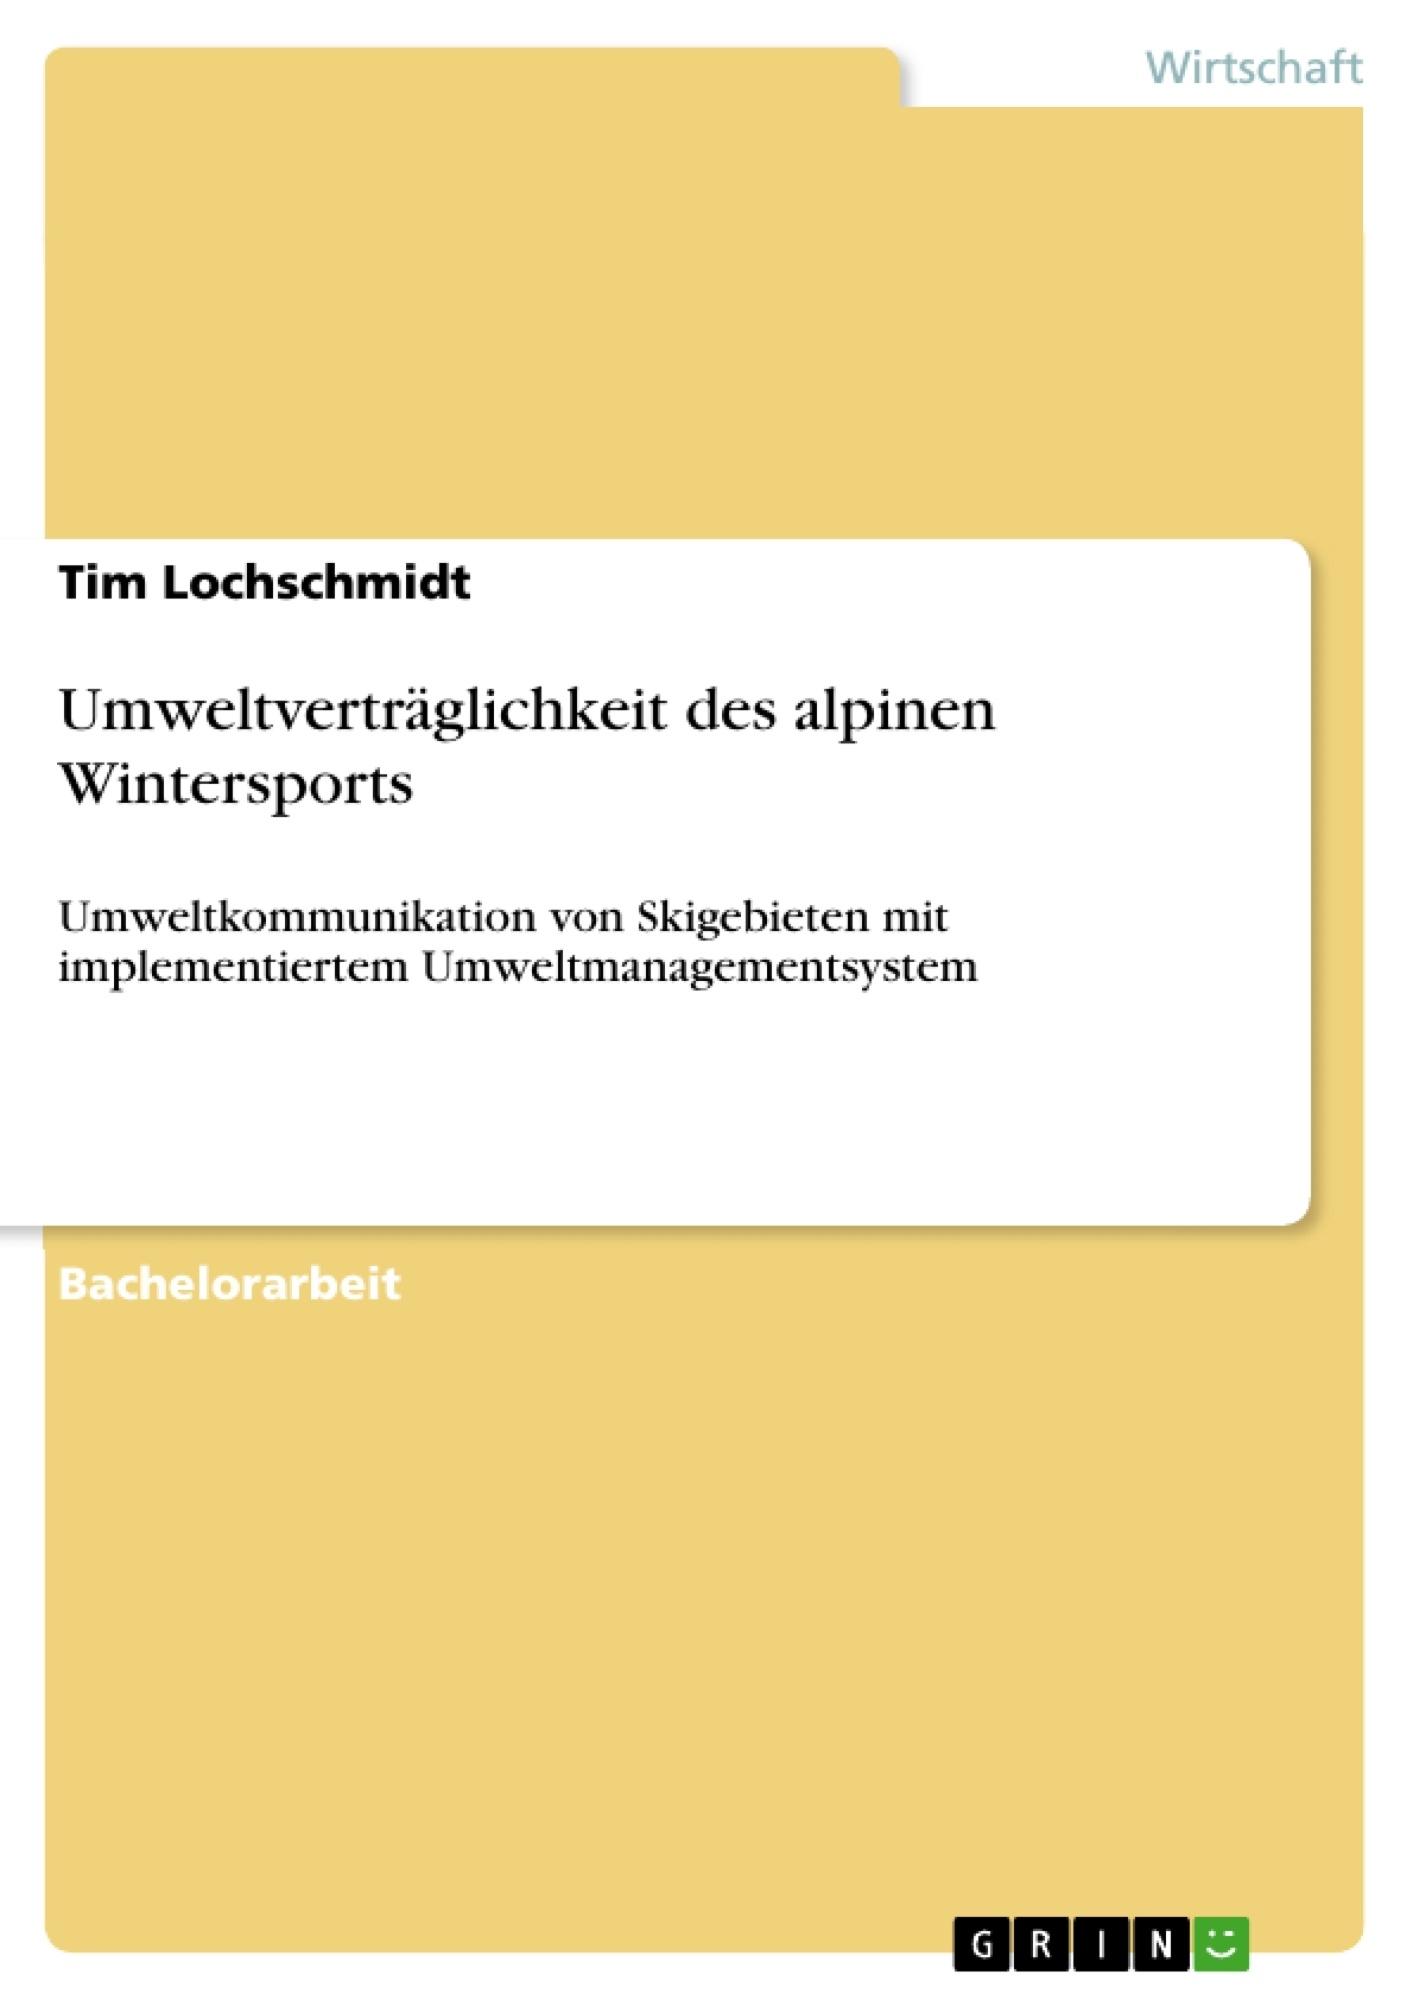 Titel: Umweltverträglichkeit des alpinen Wintersports